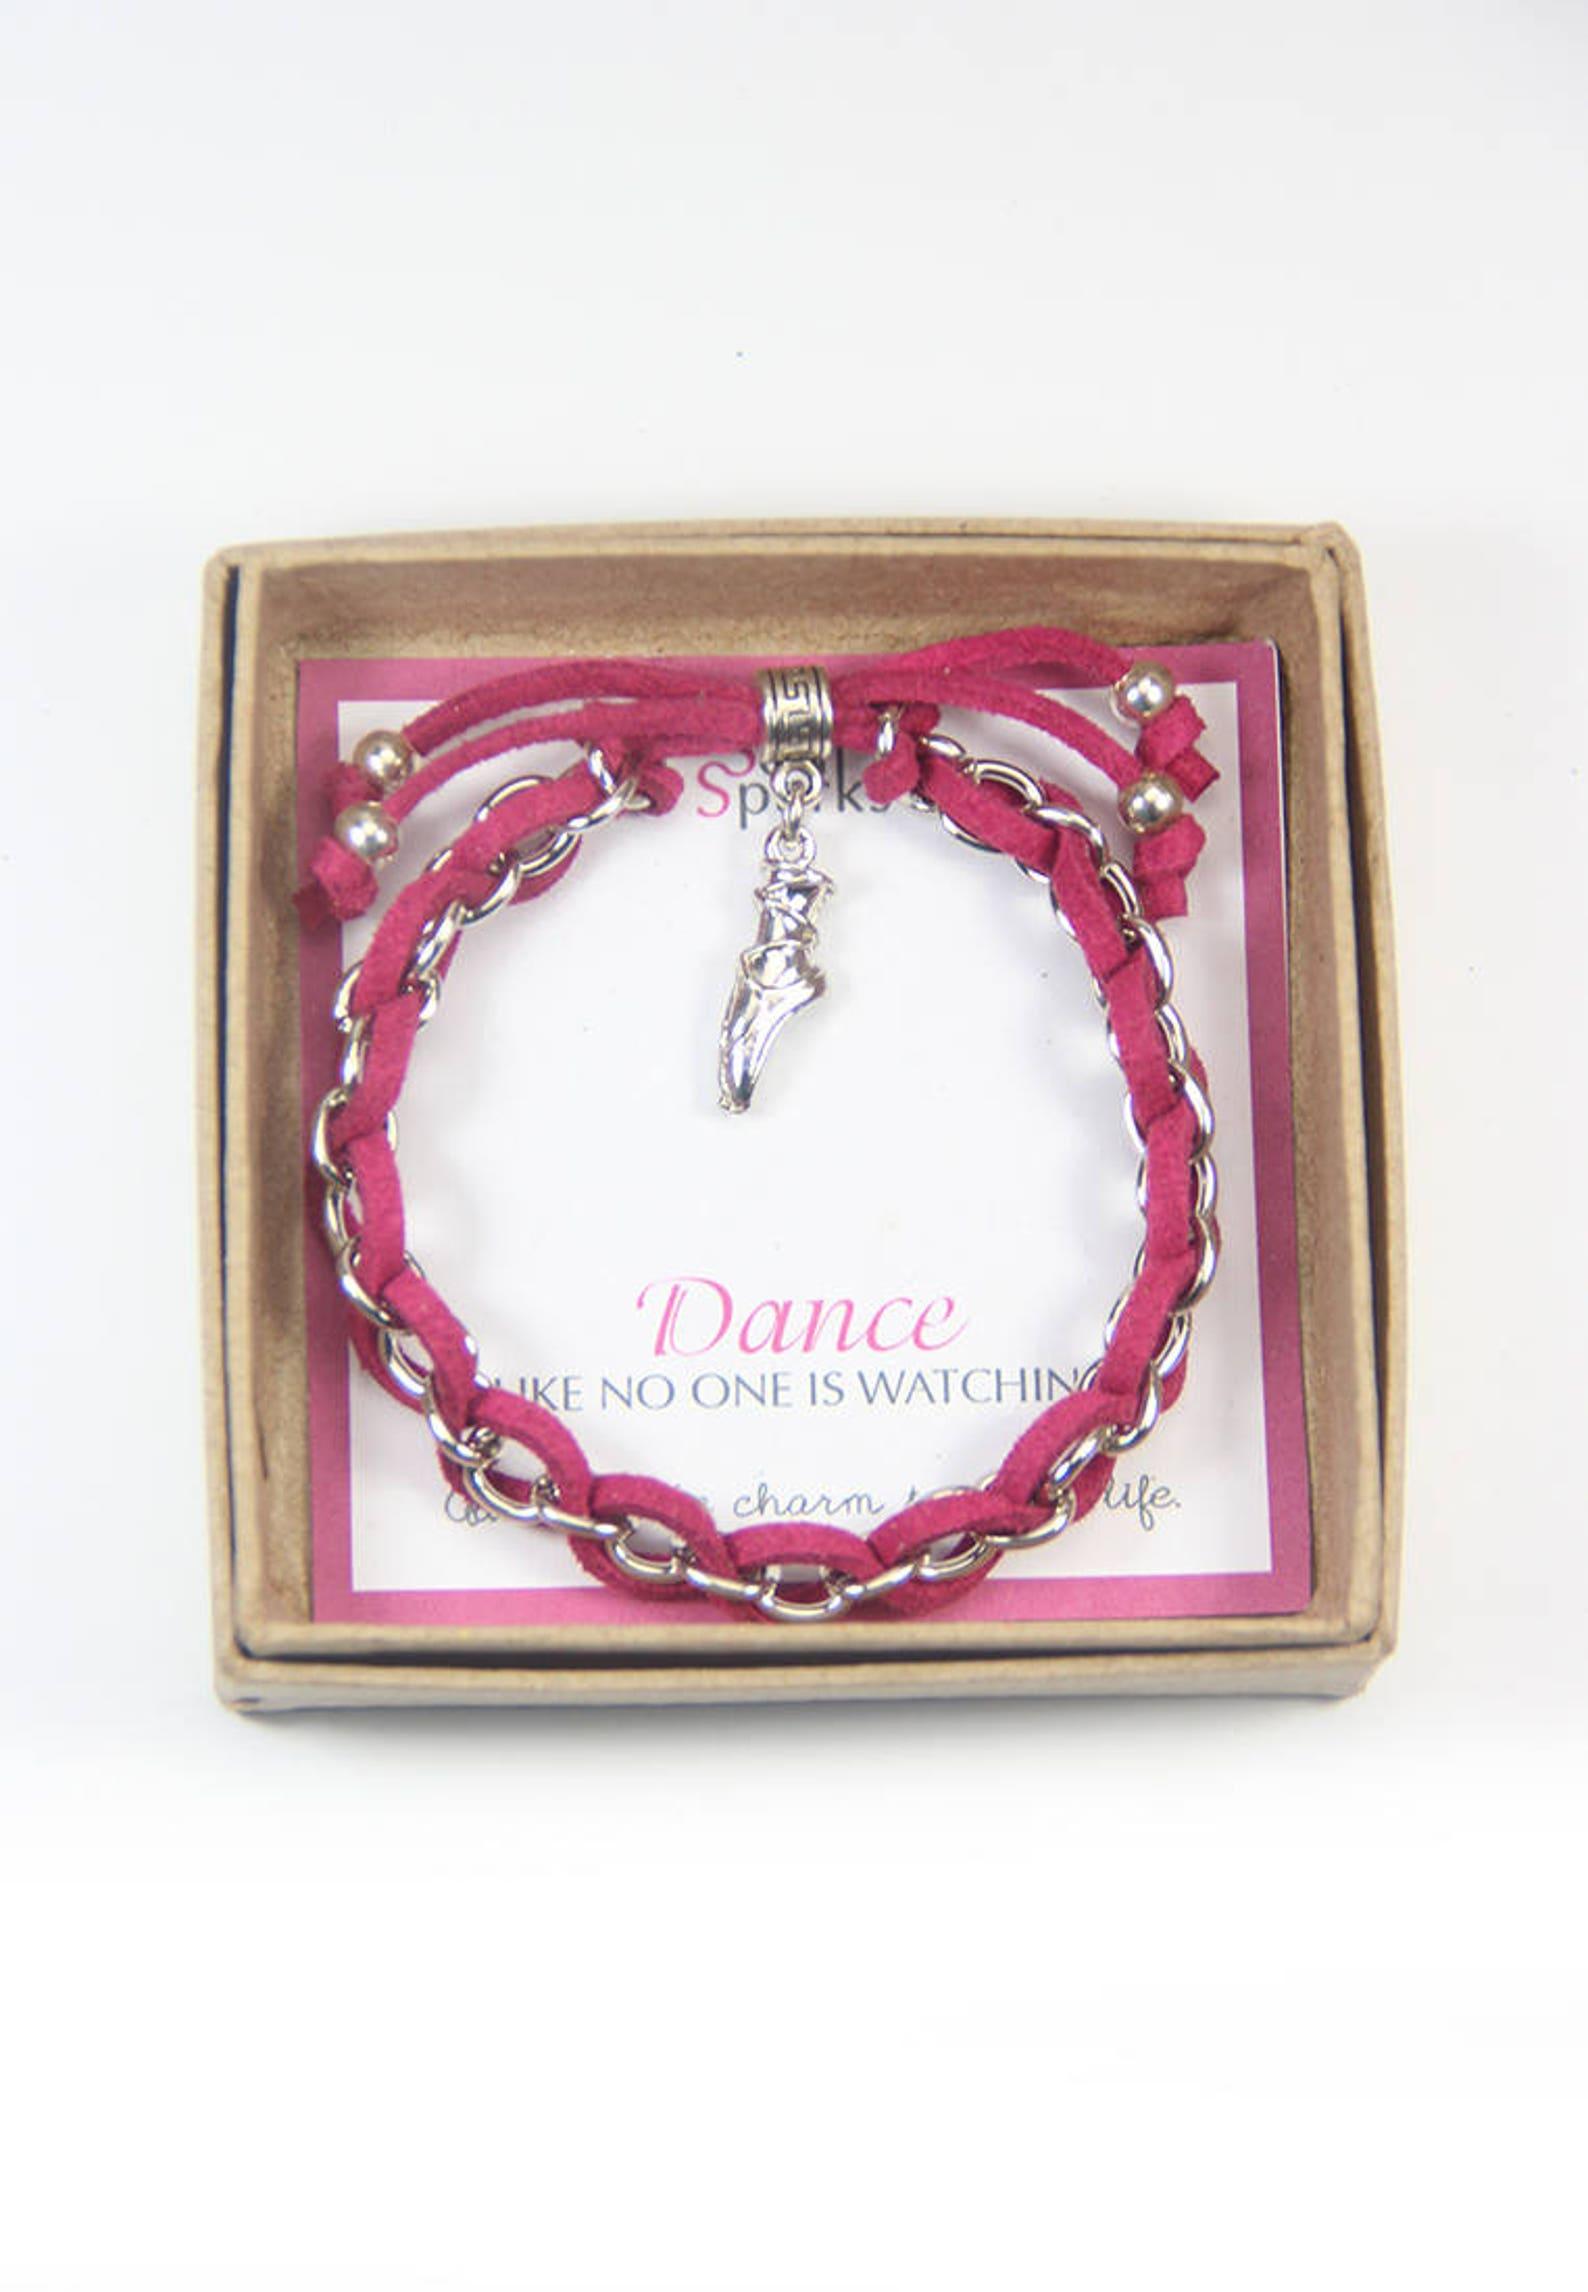 ballet shoes charm bracelet, ballet bracelet, dance jewelry, dancer bracelet, ballerina bracelet, gift for ballerina, dance reci